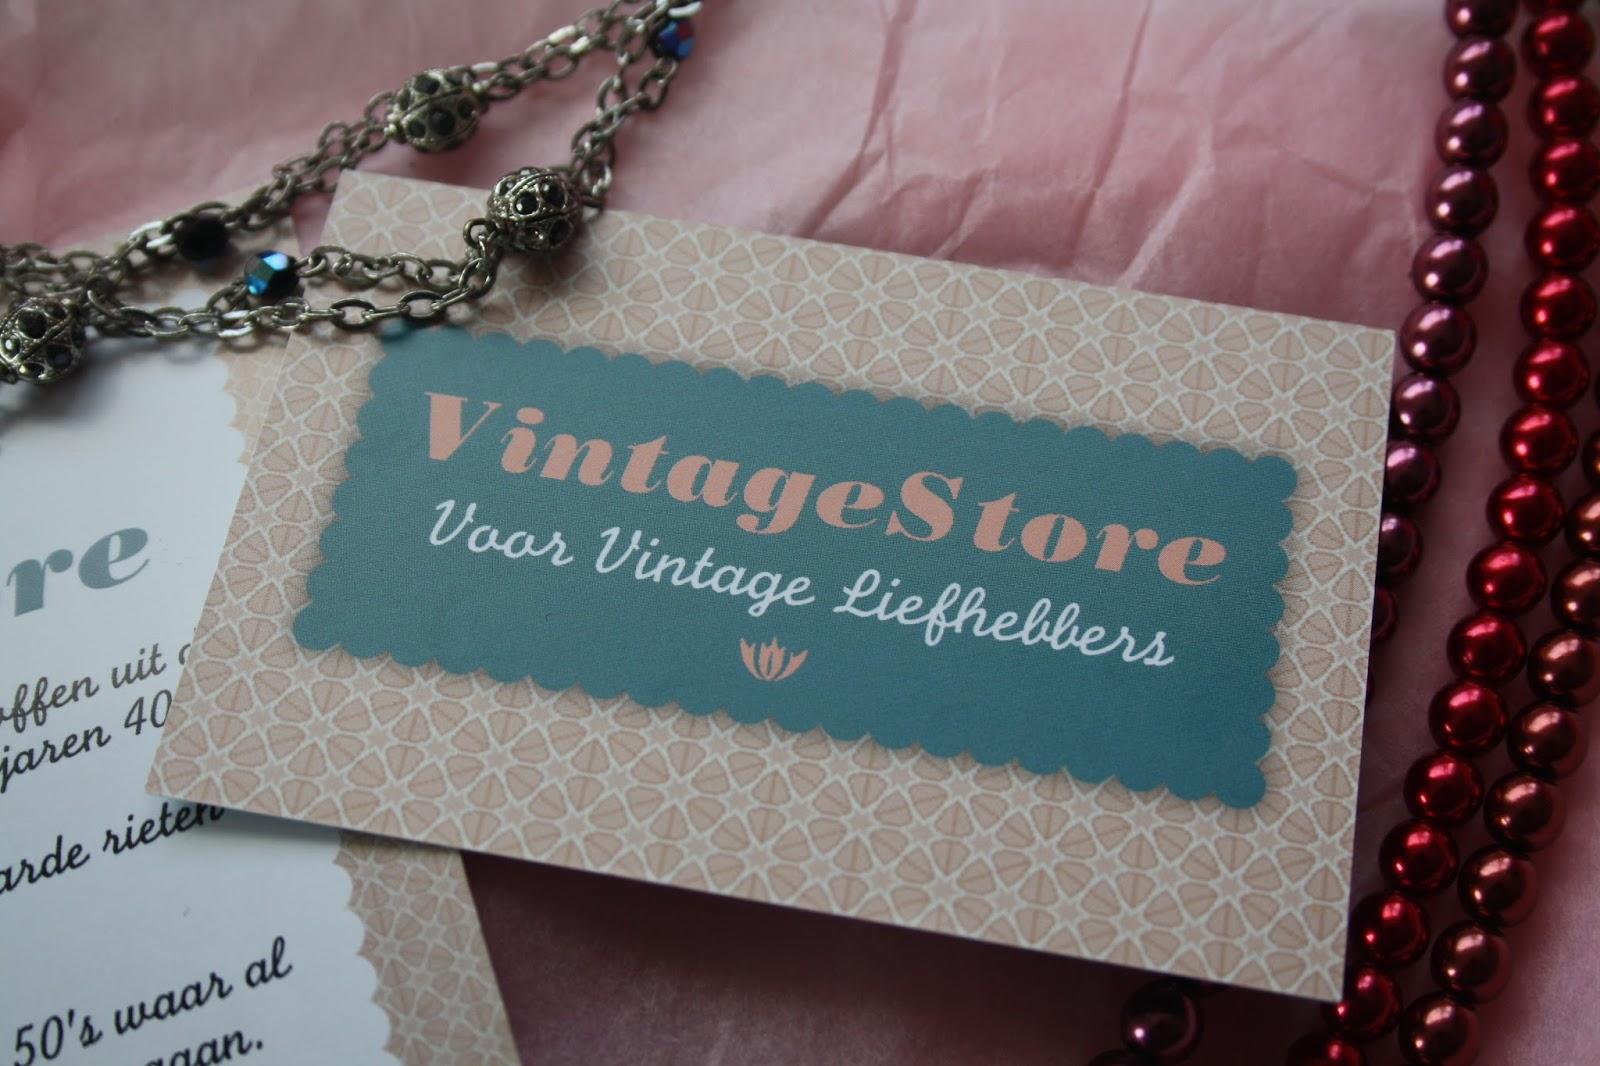 798efaaa5ded7f Daarom deel ik met jullie mijn nieuwe ontdekking  www.vintagestore.nl.  VintageStore is een echte webshop voor vintage liefhebbers inclusief  romantische look ...